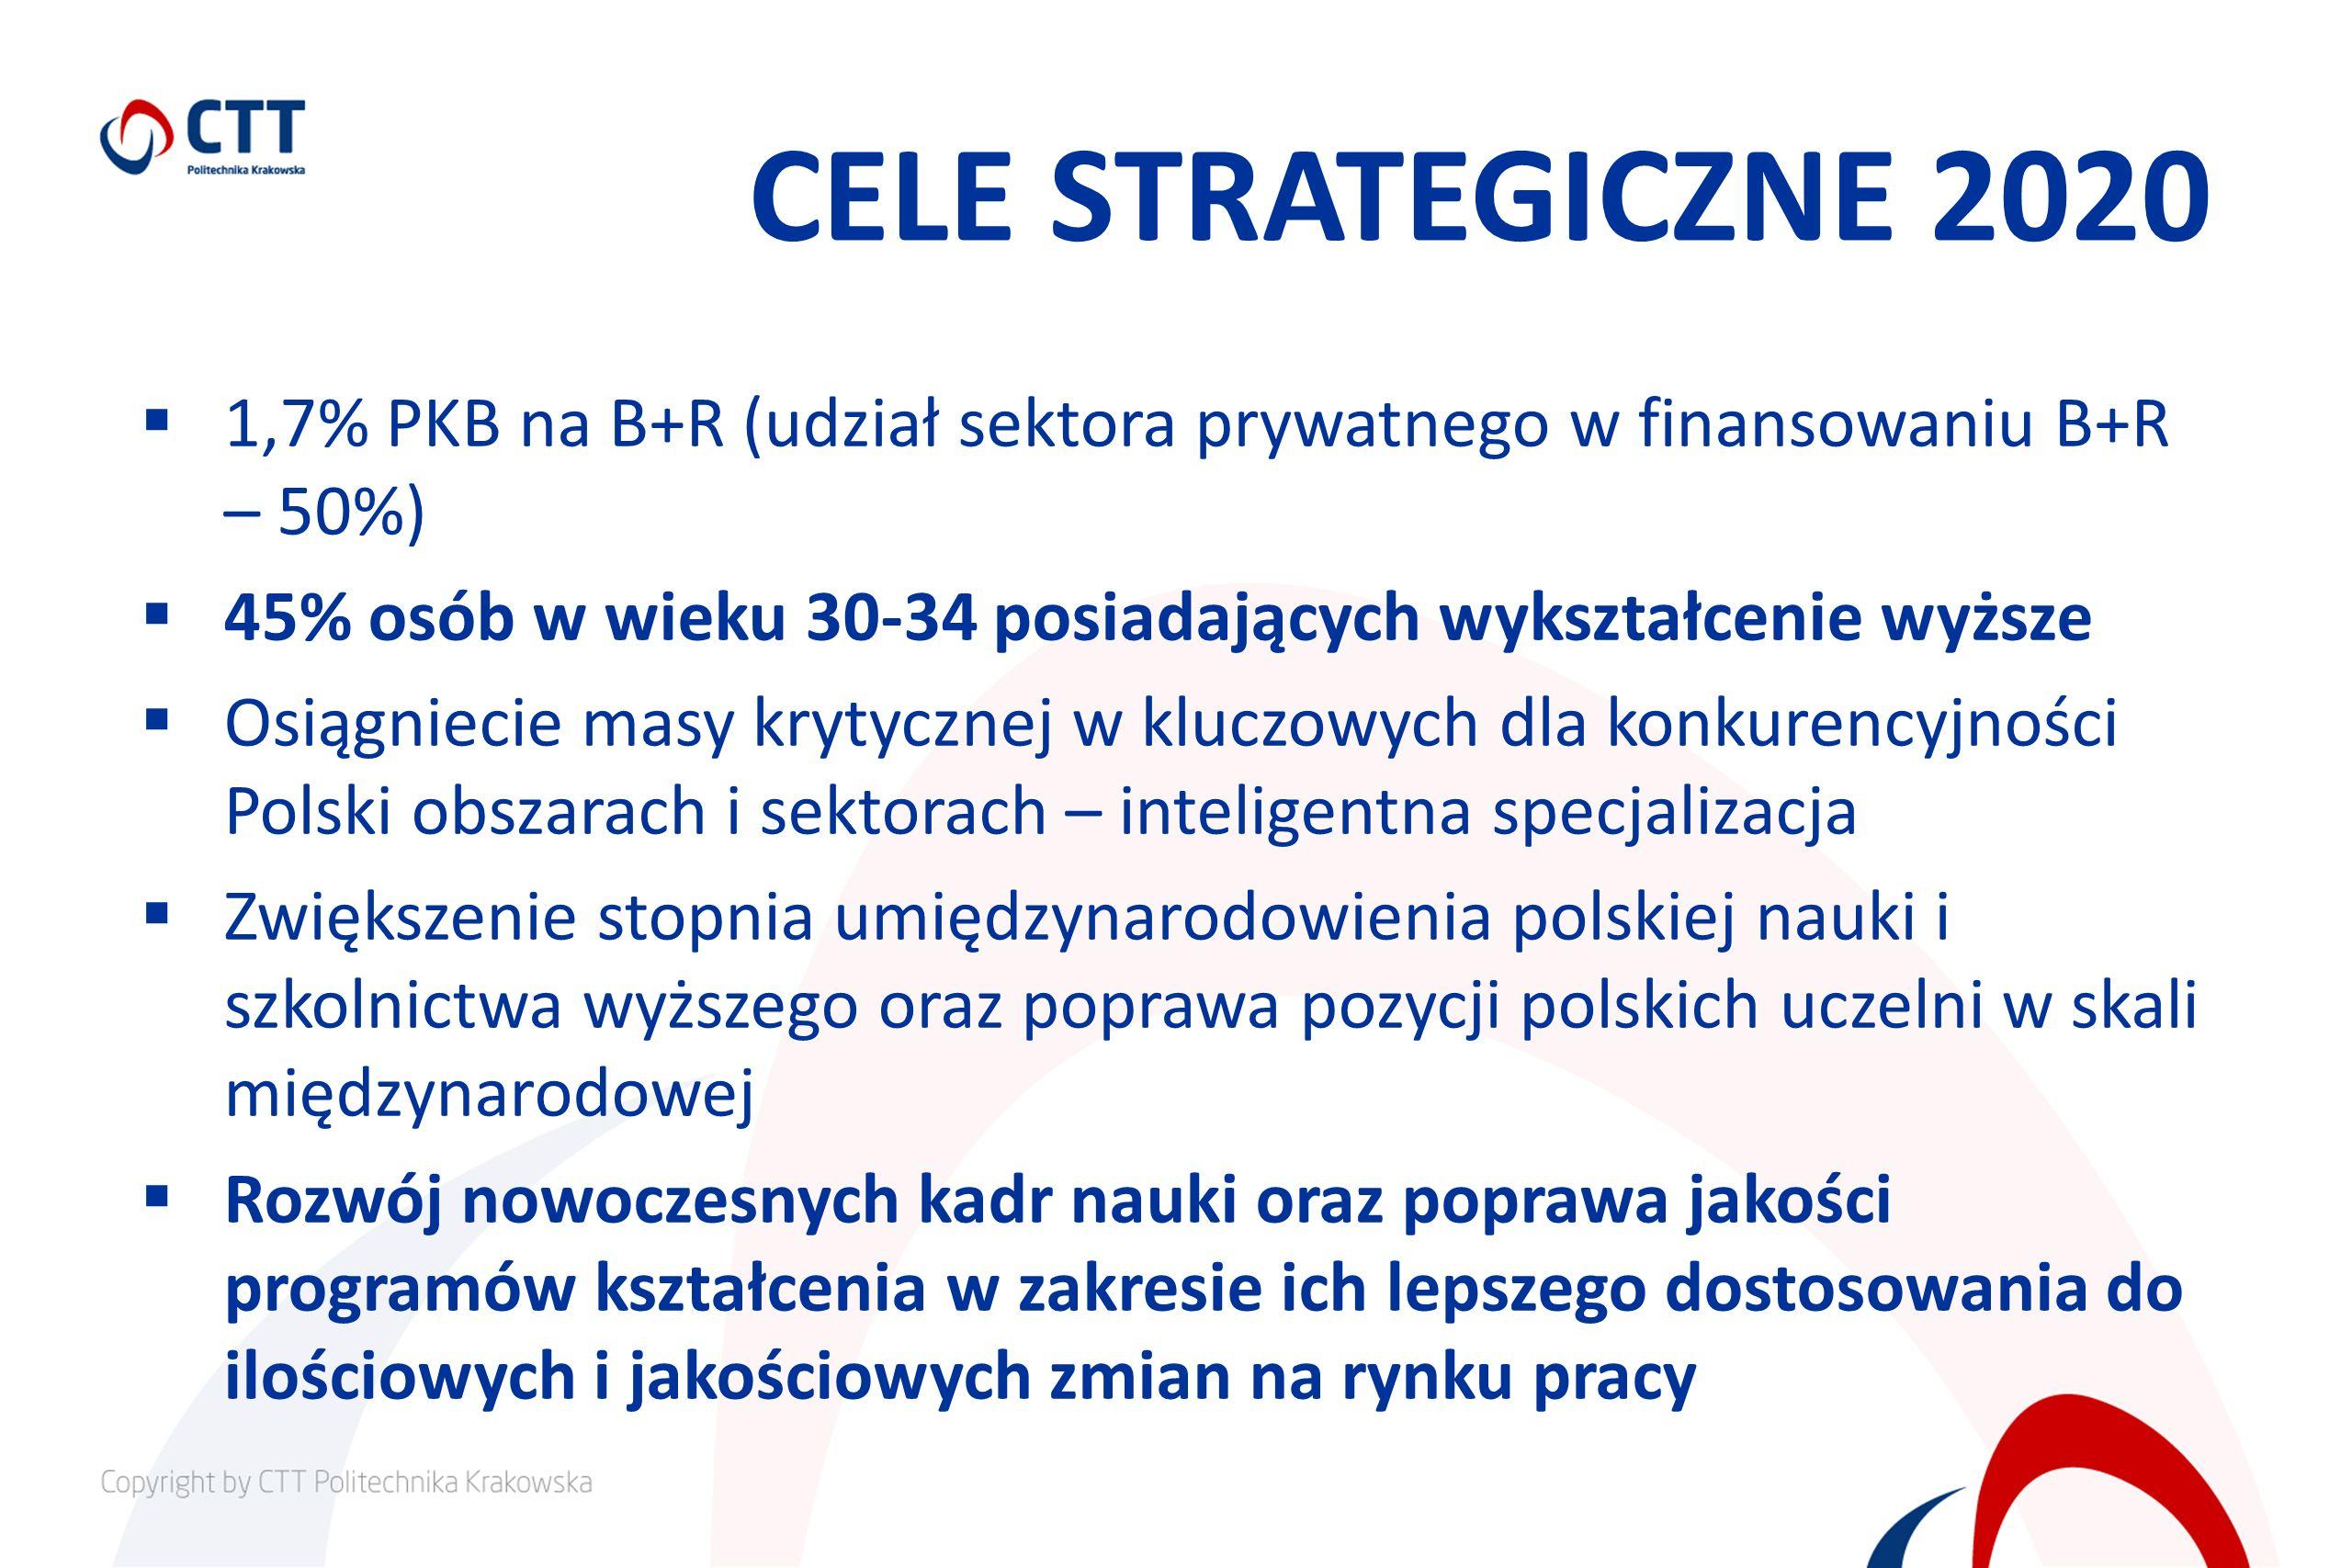 CELE STRATEGICZNE 2020 1,7% PKB na B+R (udział sektora prywatnego w finansowaniu B+R – 50%) 45% osób w wieku 30-34 posiadających wykształcenie wyższe Osiągniecie masy krytycznej w kluczowych dla konkurencyjności Polski obszarach i sektorach – inteligentna specjalizacja Zwiększenie stopnia umiędzynarodowienia polskiej nauki i szkolnictwa wyższego oraz poprawa pozycji polskich uczelni w skali międzynarodowej Rozwój nowoczesnych kadr nauki oraz poprawa jakości programów kształcenia w zakresie ich lepszego dostosowania do ilościowych i jakościowych zmian na rynku pracy